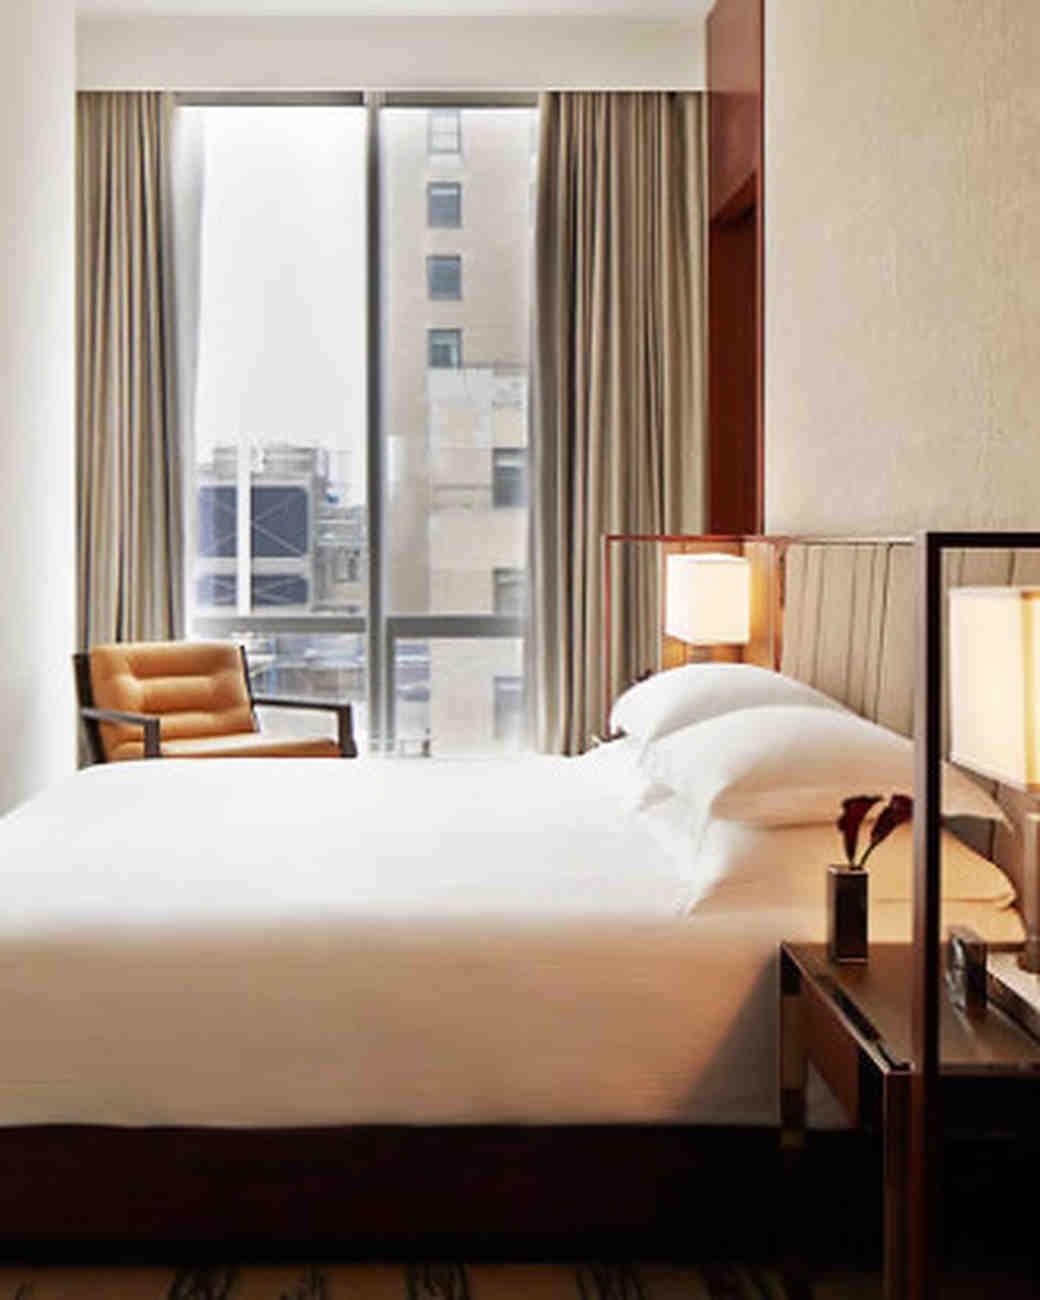 park hyatt hotel room